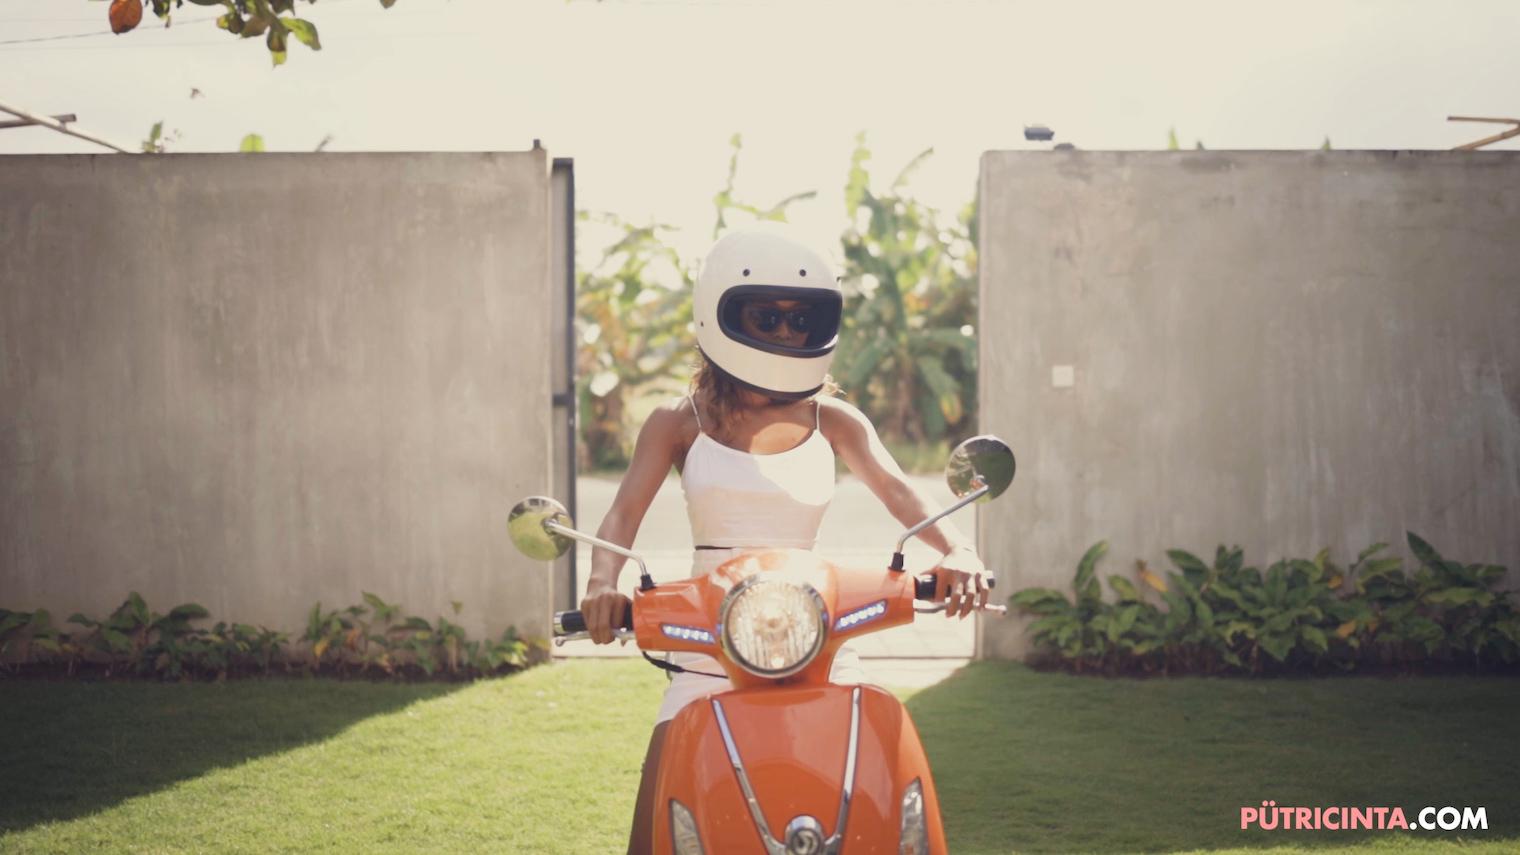 025-BikeWash-Putri-Cinta-Teaser-Stills-5.jpg